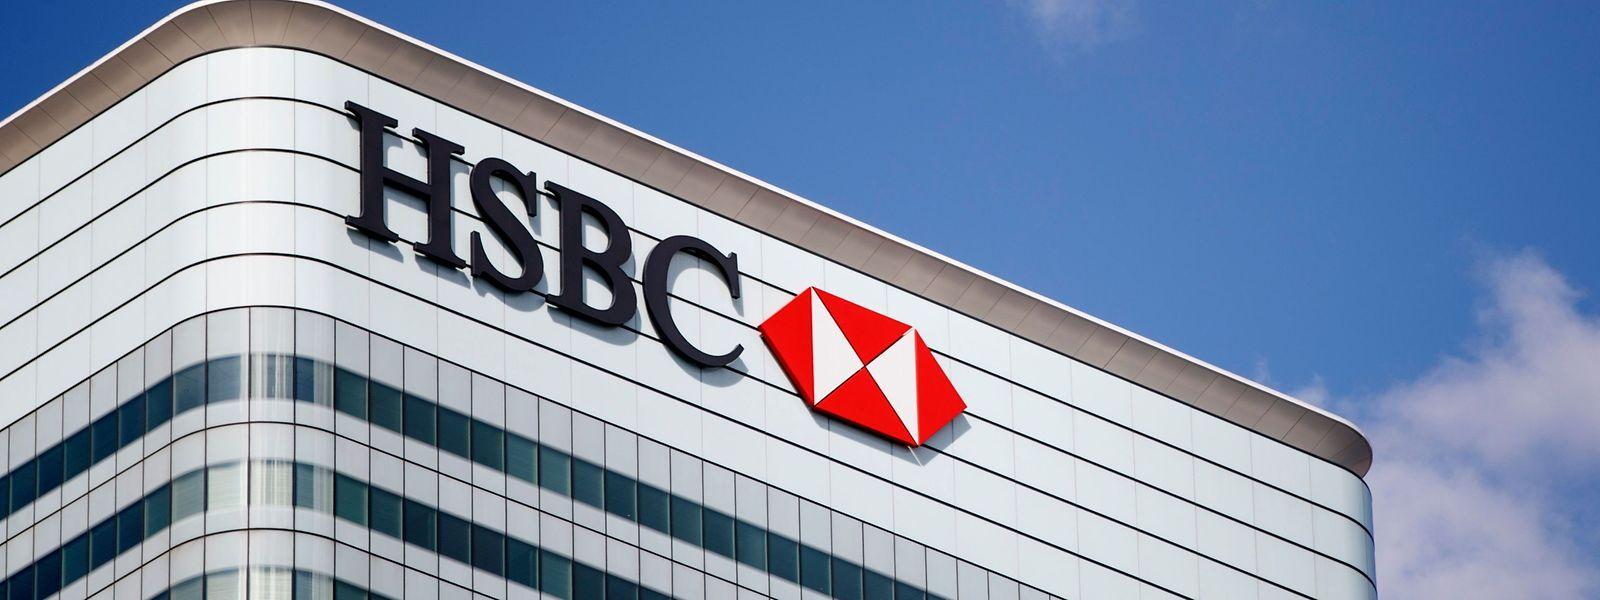 En novembre 2017, la banque avait déjà accepté de payer 300 millions d'euros pour s'éviter des poursuites, en France.